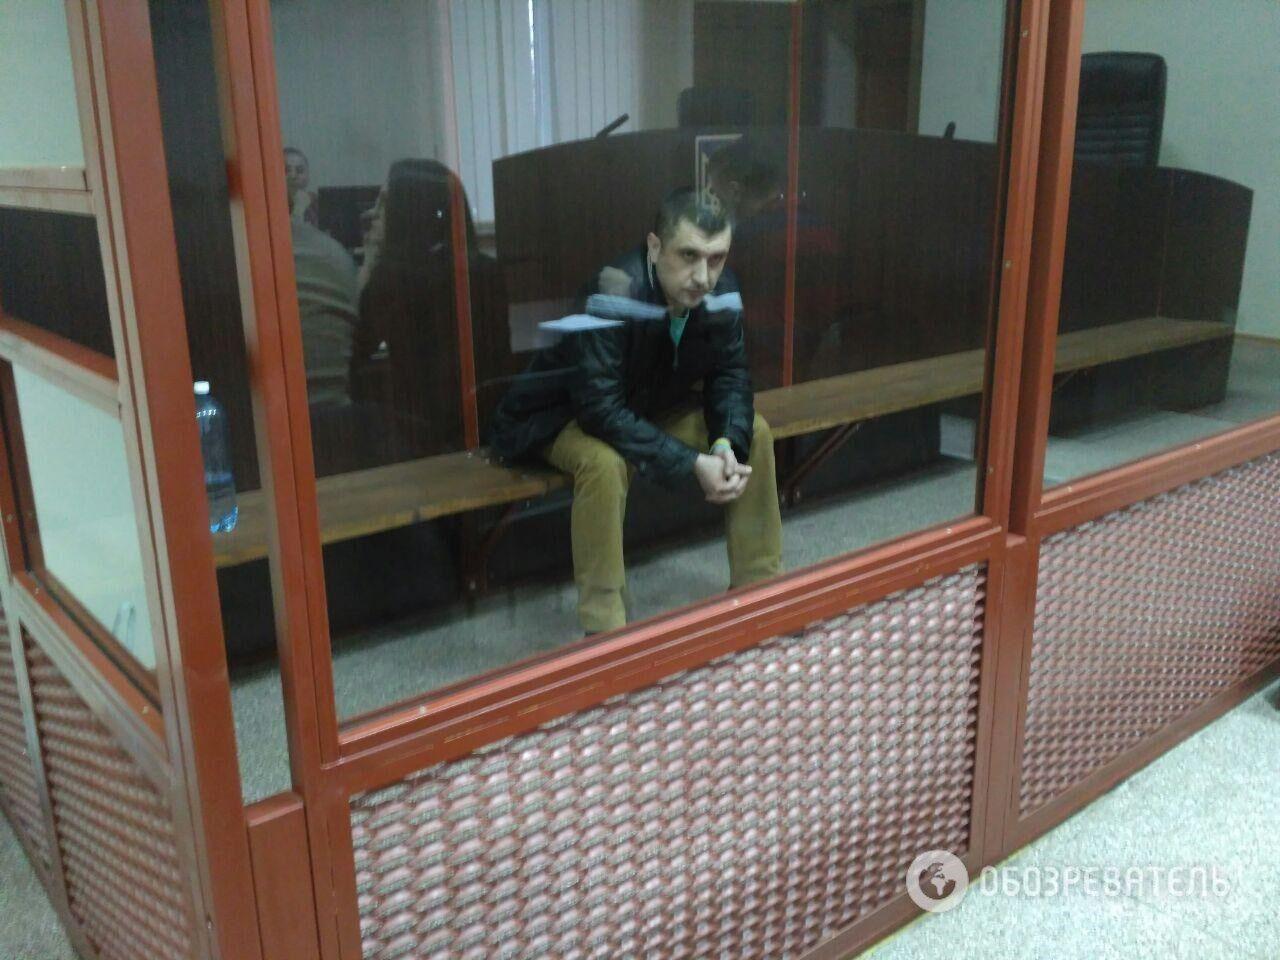 Дмитрий Россошанский во время суда 27 декабря